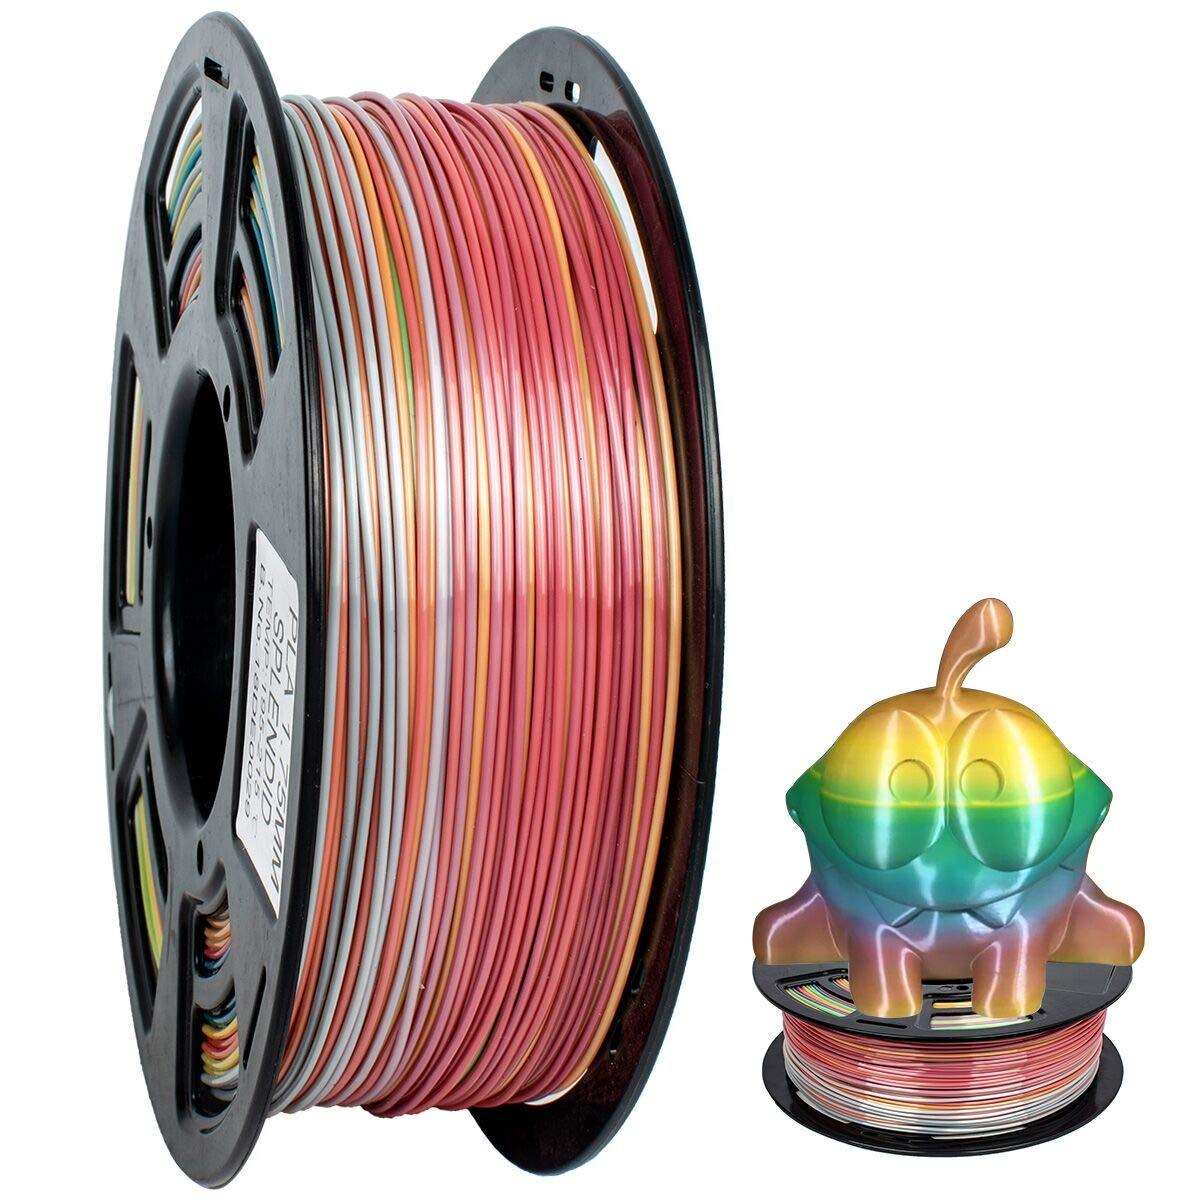 Geeetech rainbow filament